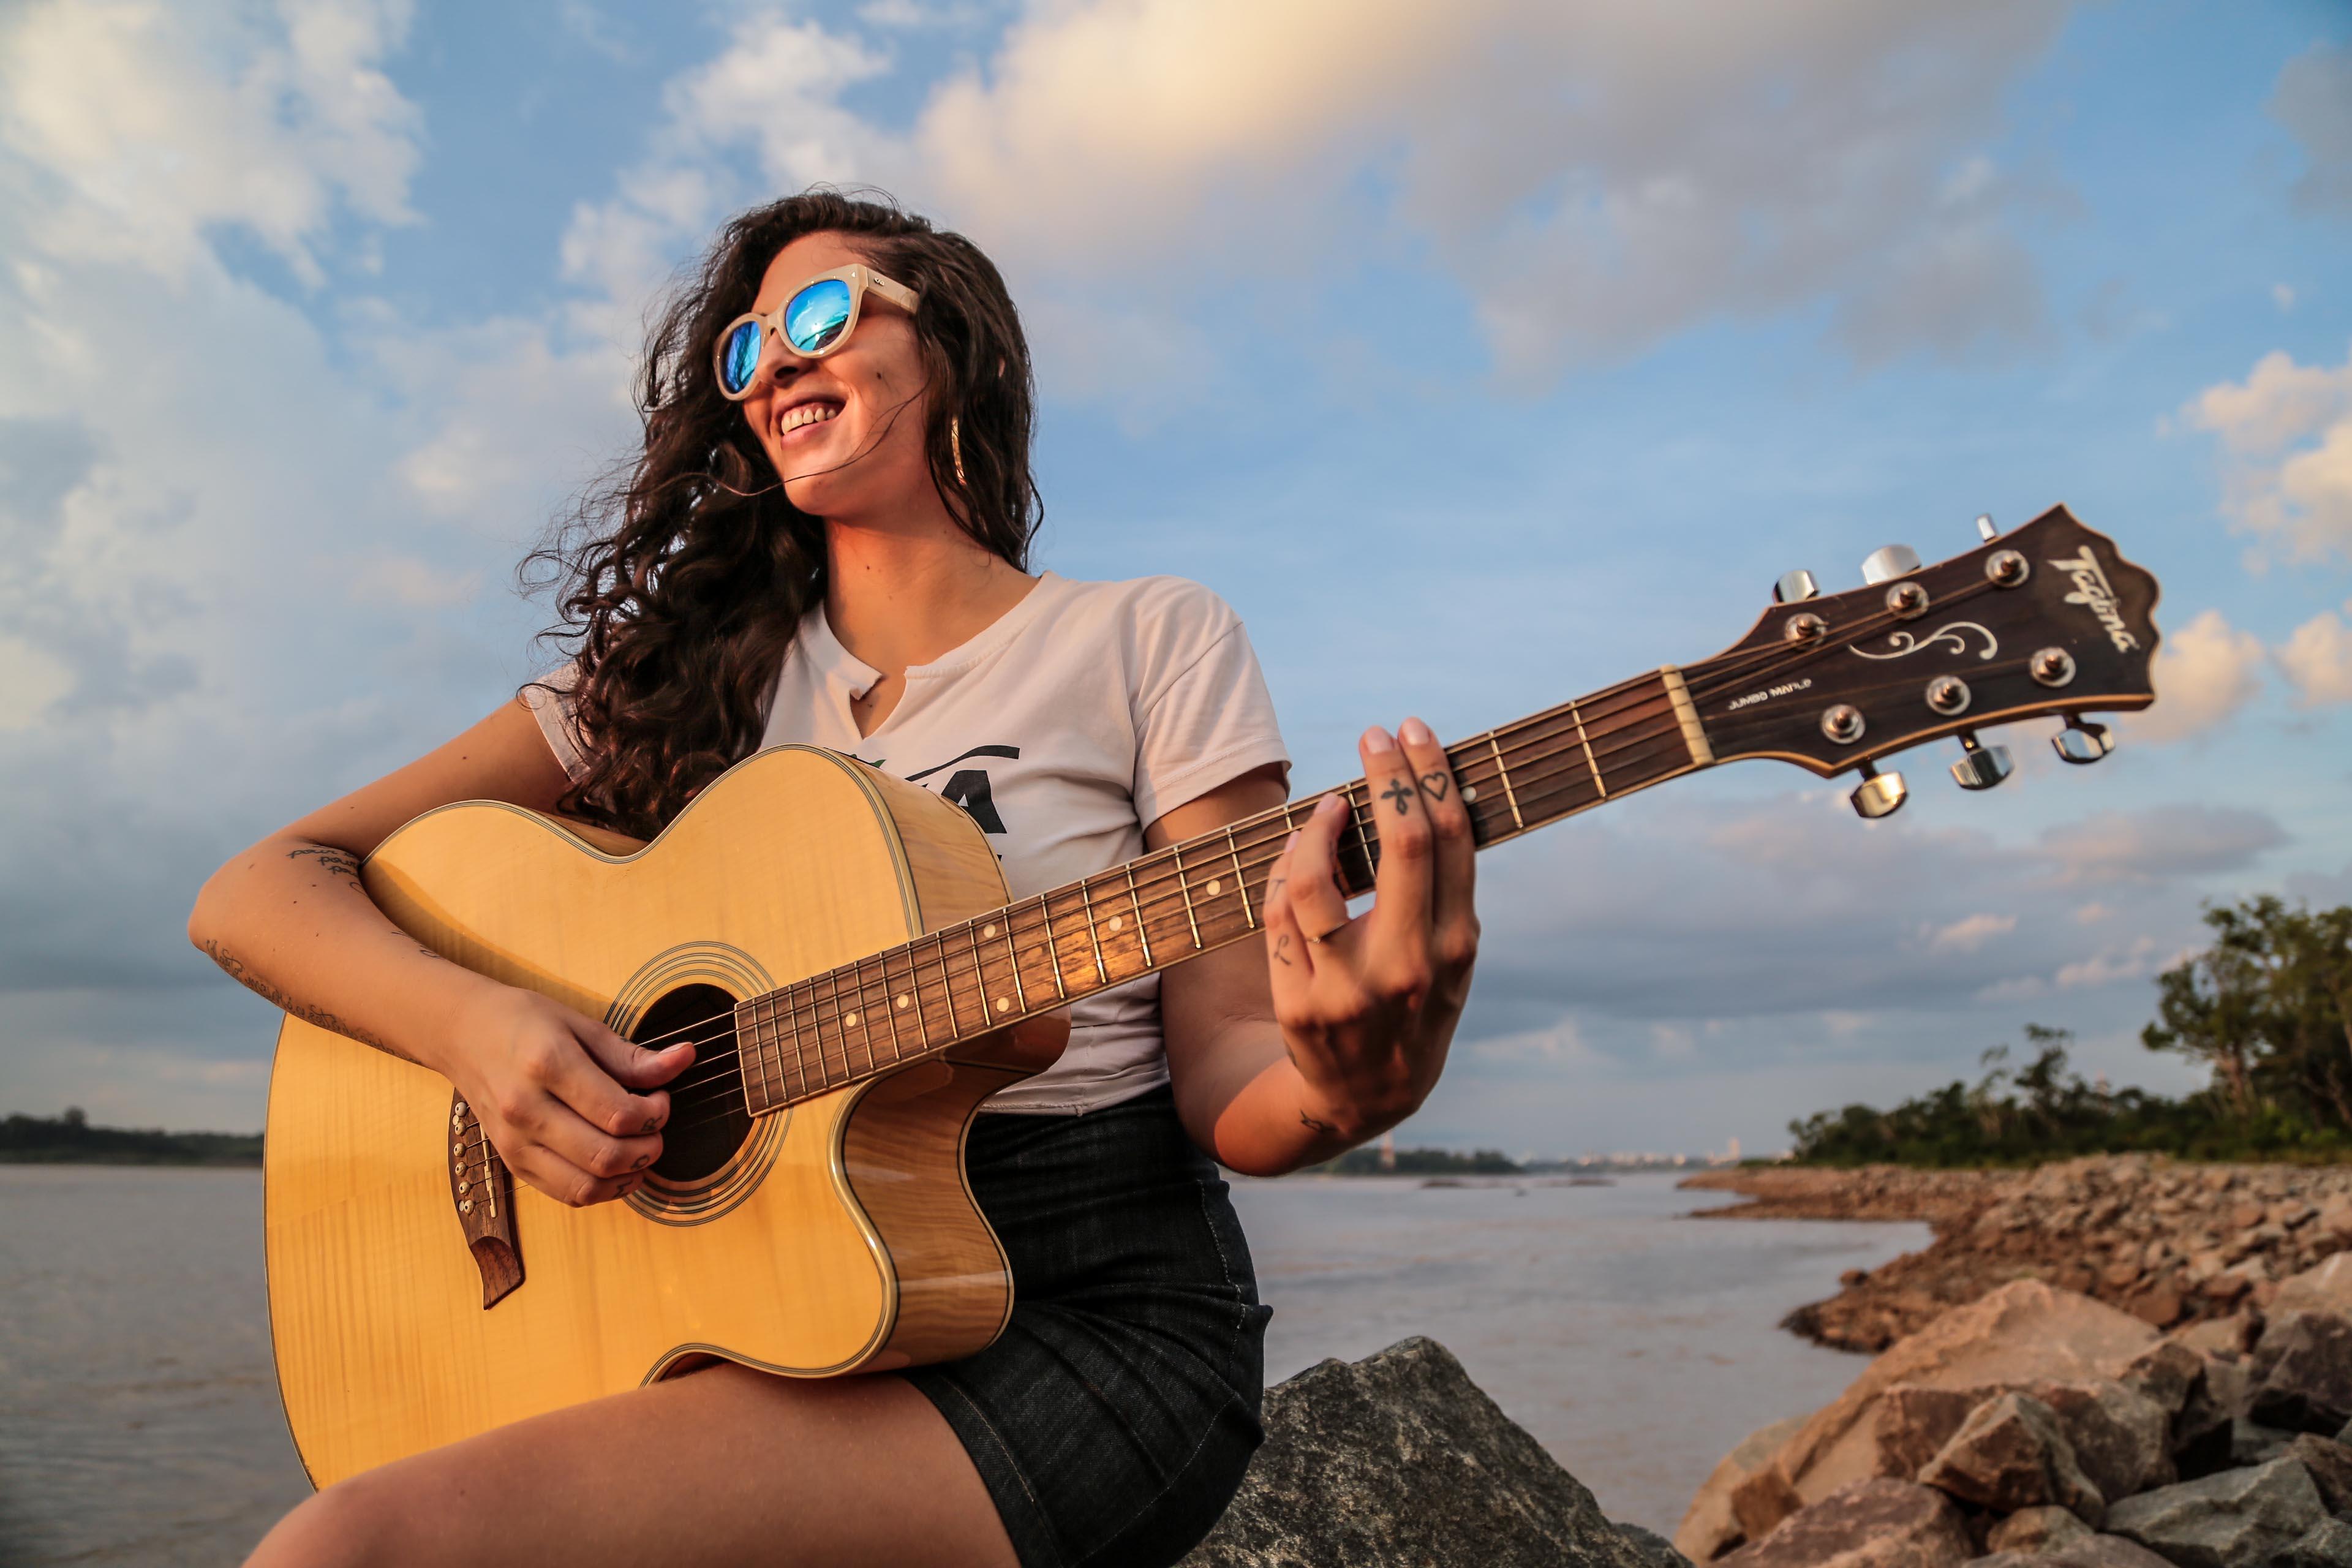 Cantora macuxi, Ana Lu, apresenta seu projeto de reggae autoral acústico, nesta quinta-feira (30), na Vila Vagalume